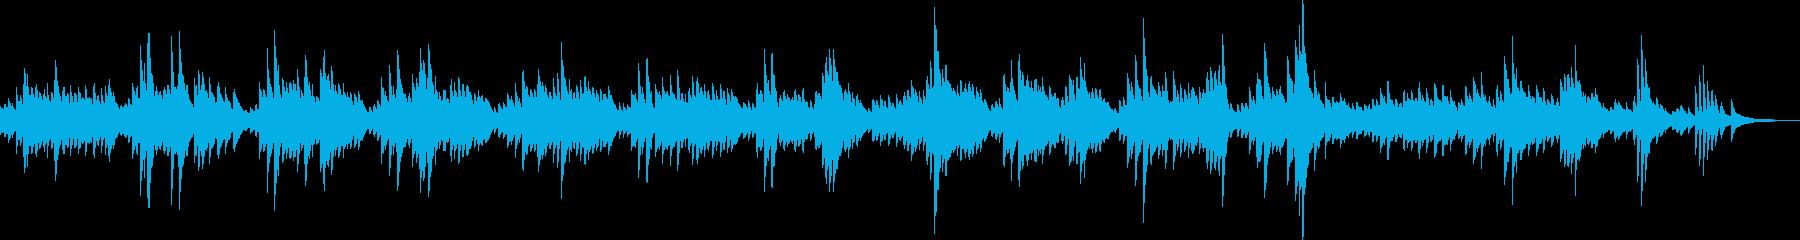 悲しいピアノBGM(切ない・シンプル)の再生済みの波形